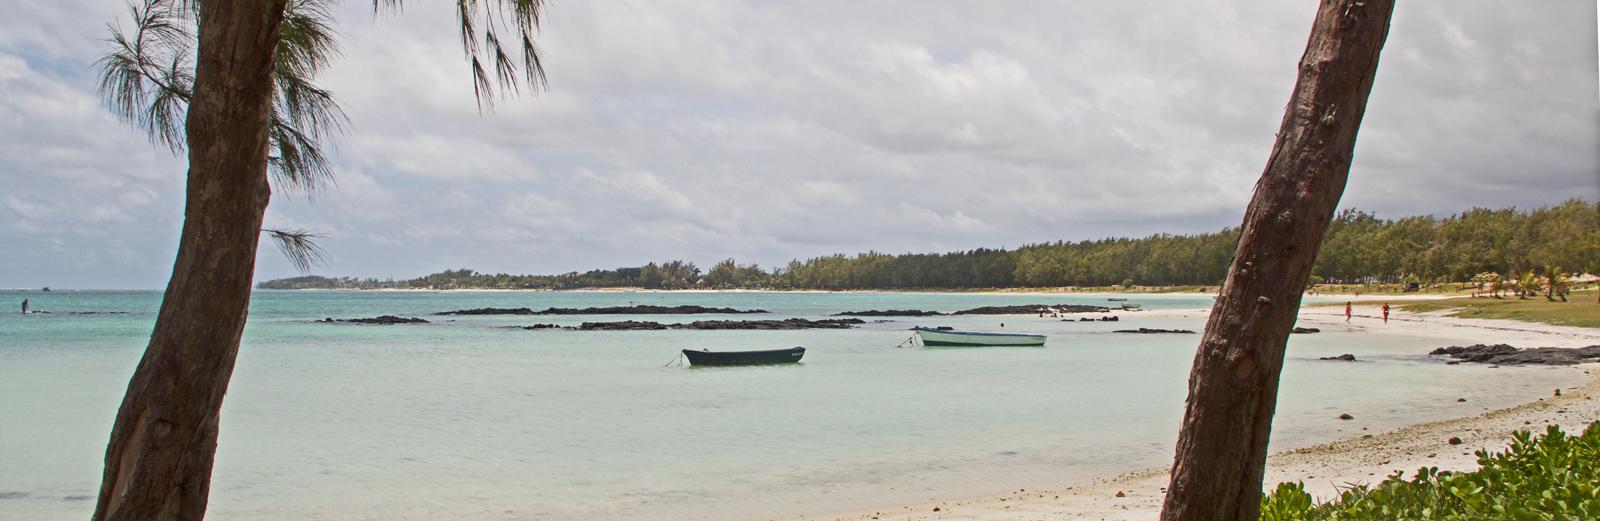 Quali sono le spiagge più belle di Mauritius?